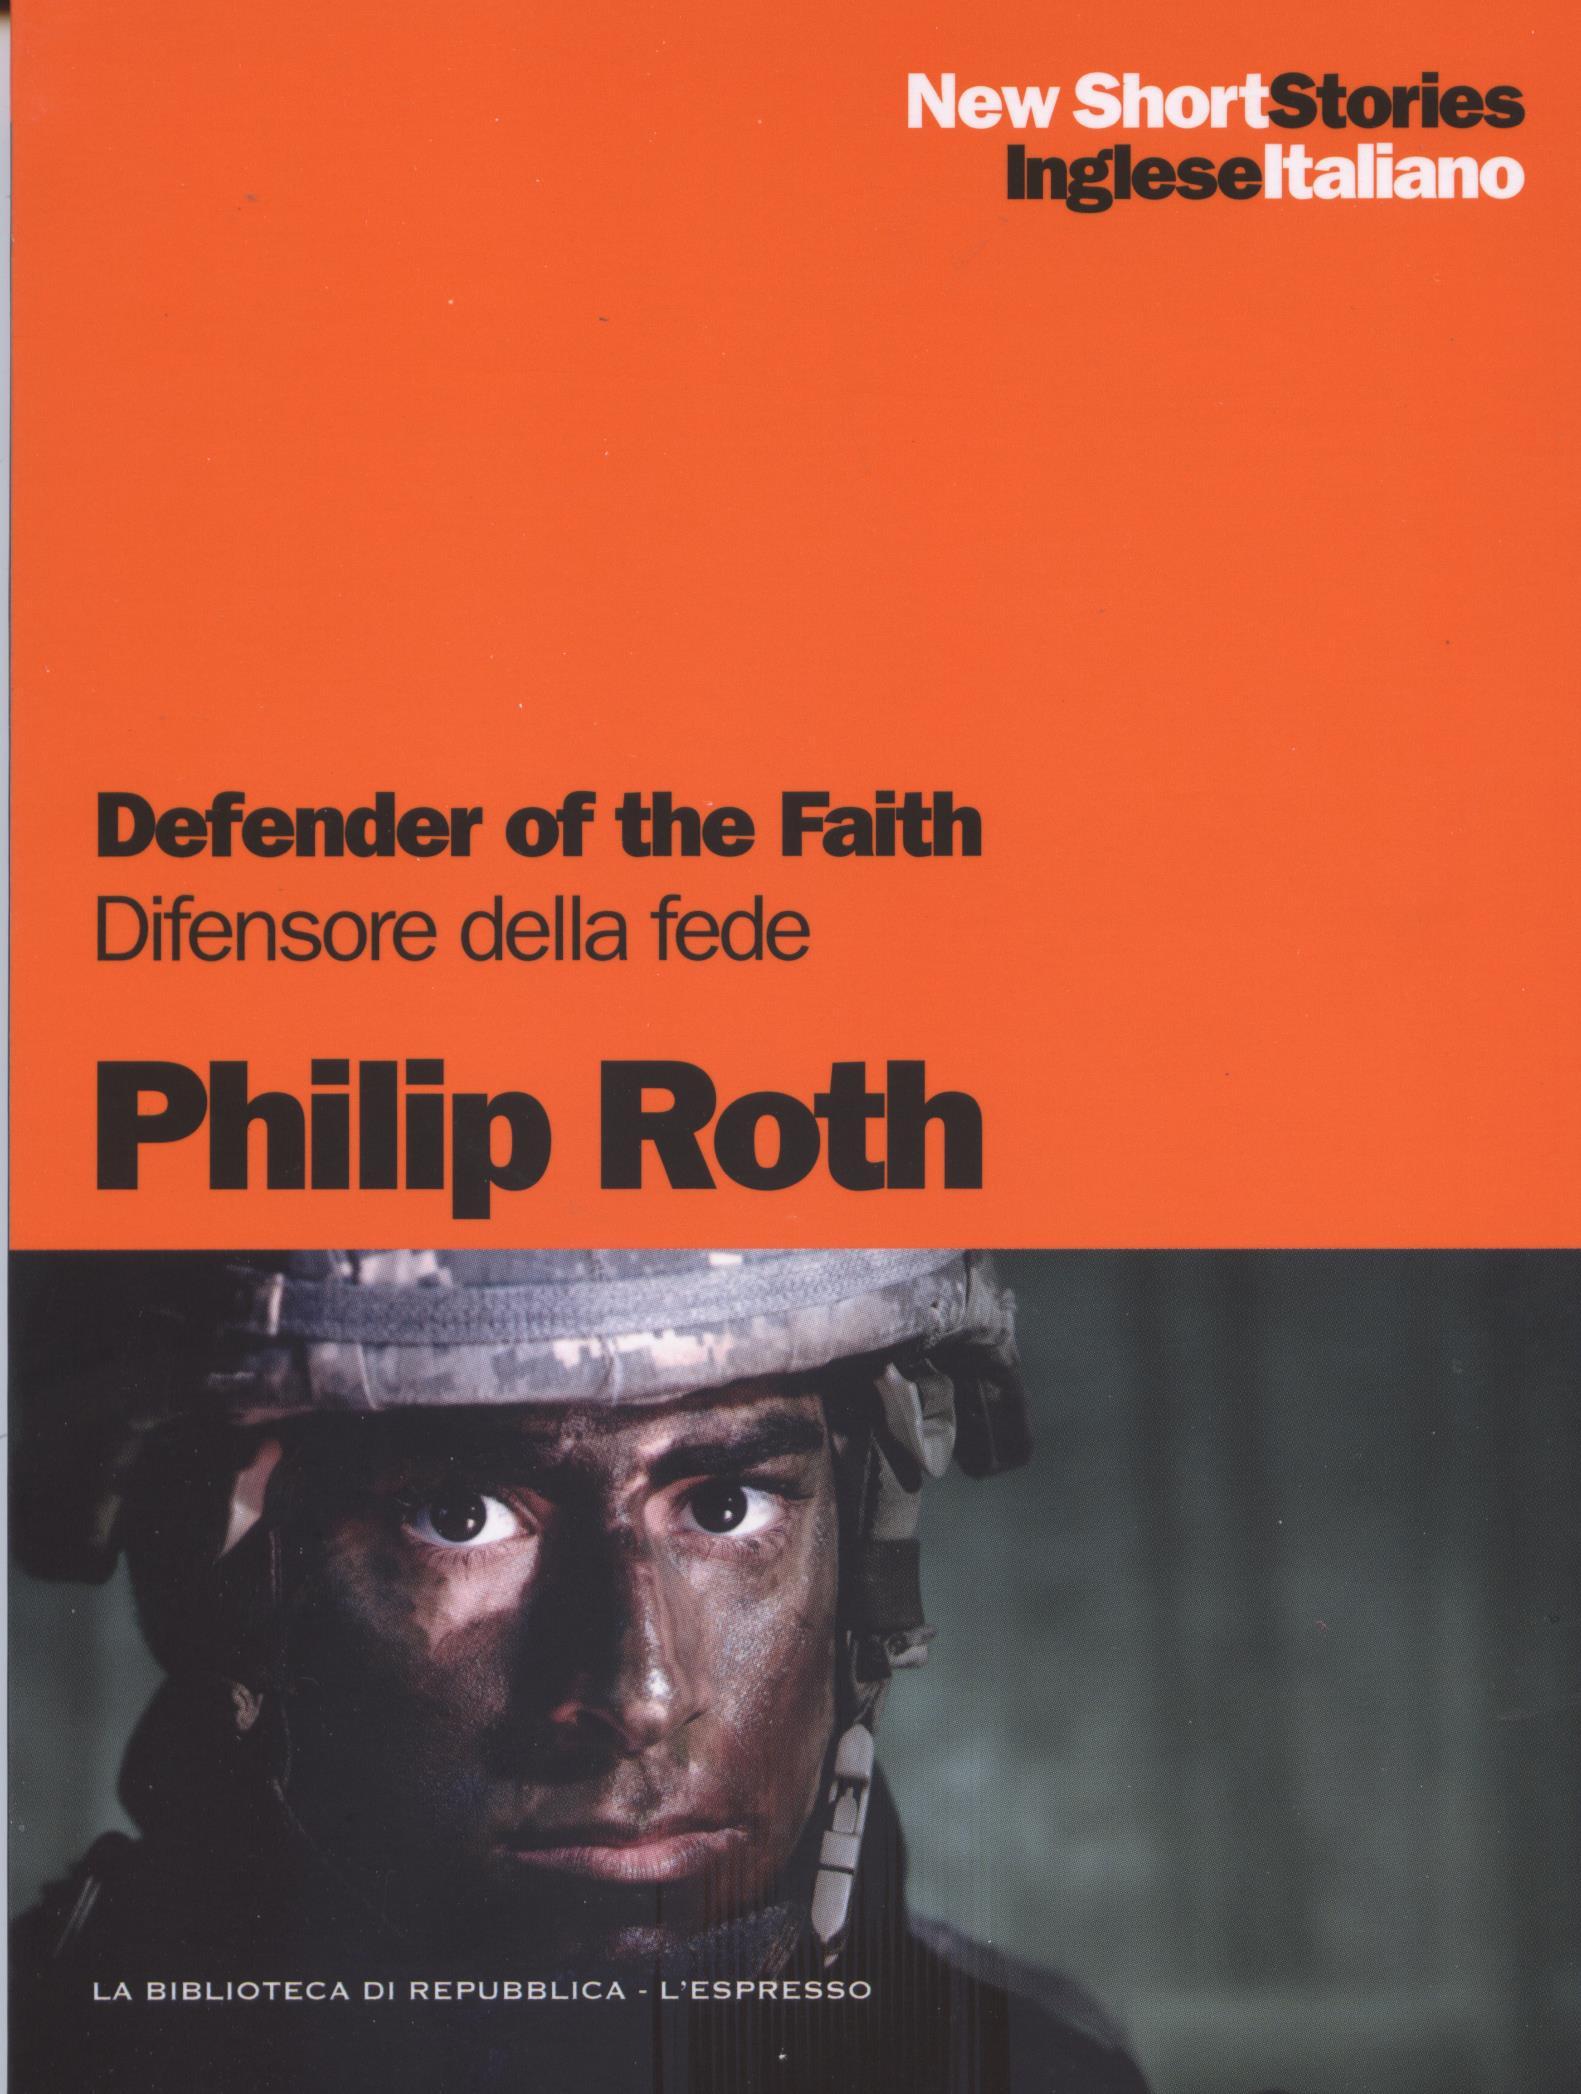 Defender of the faith / Difensore della fede